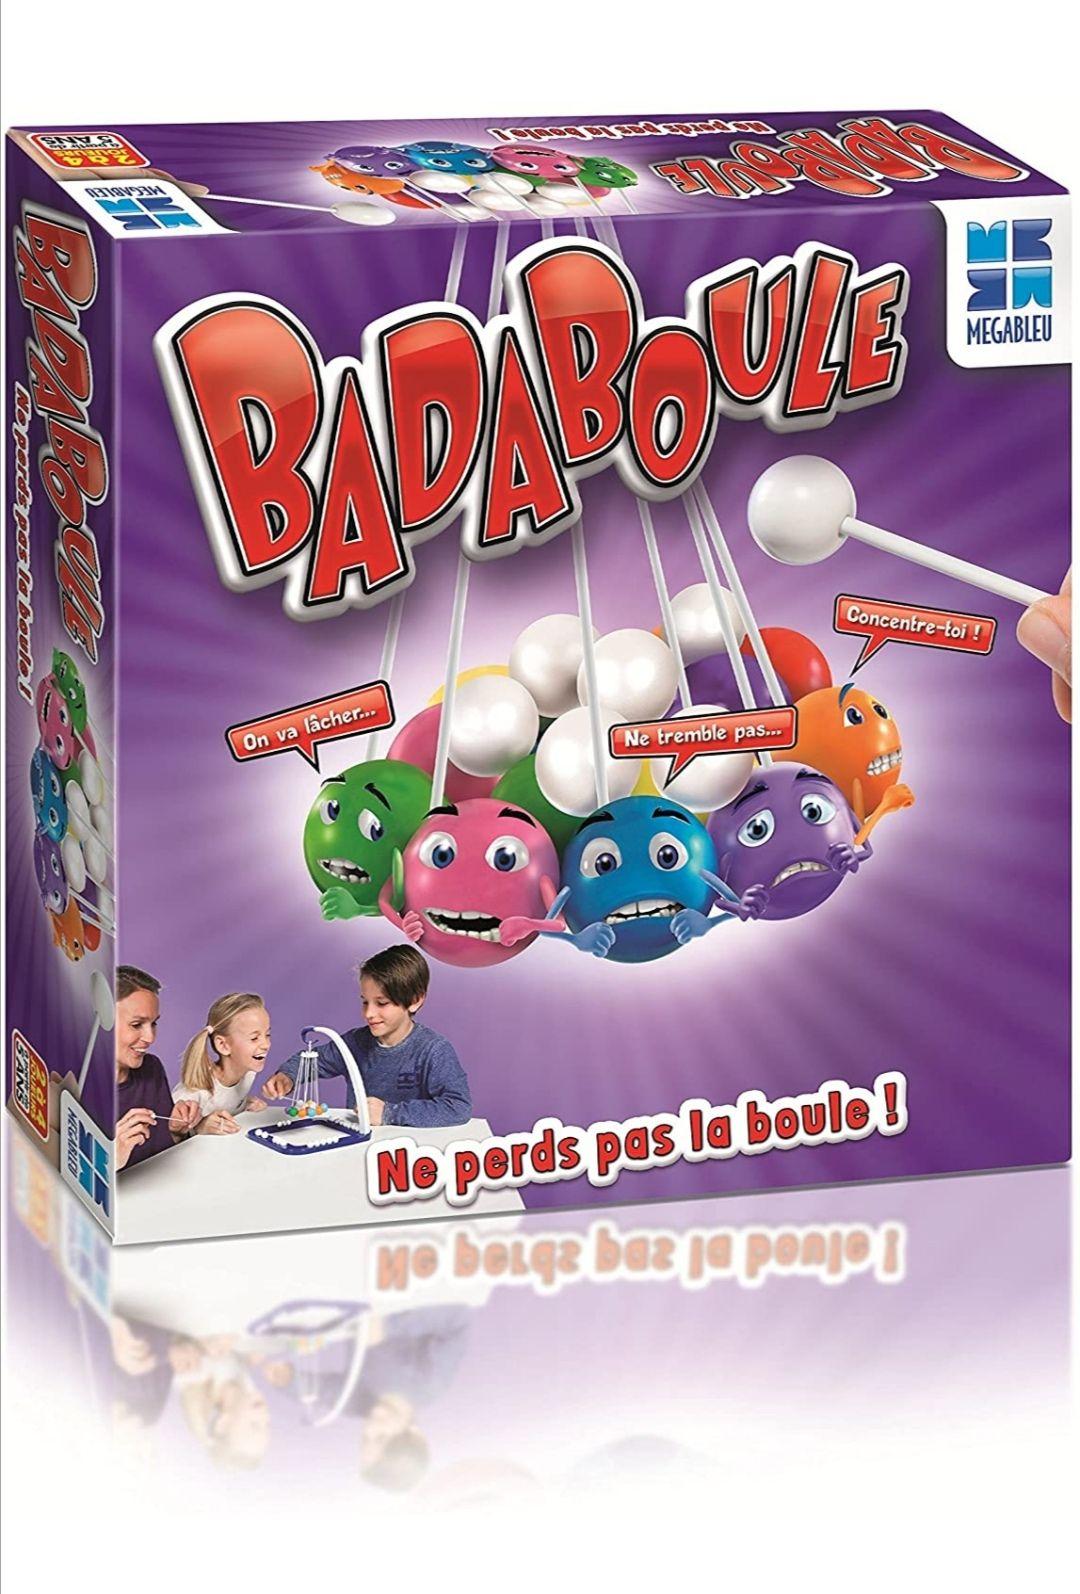 Jeu de société Megableu - Badaboule (via coupon)